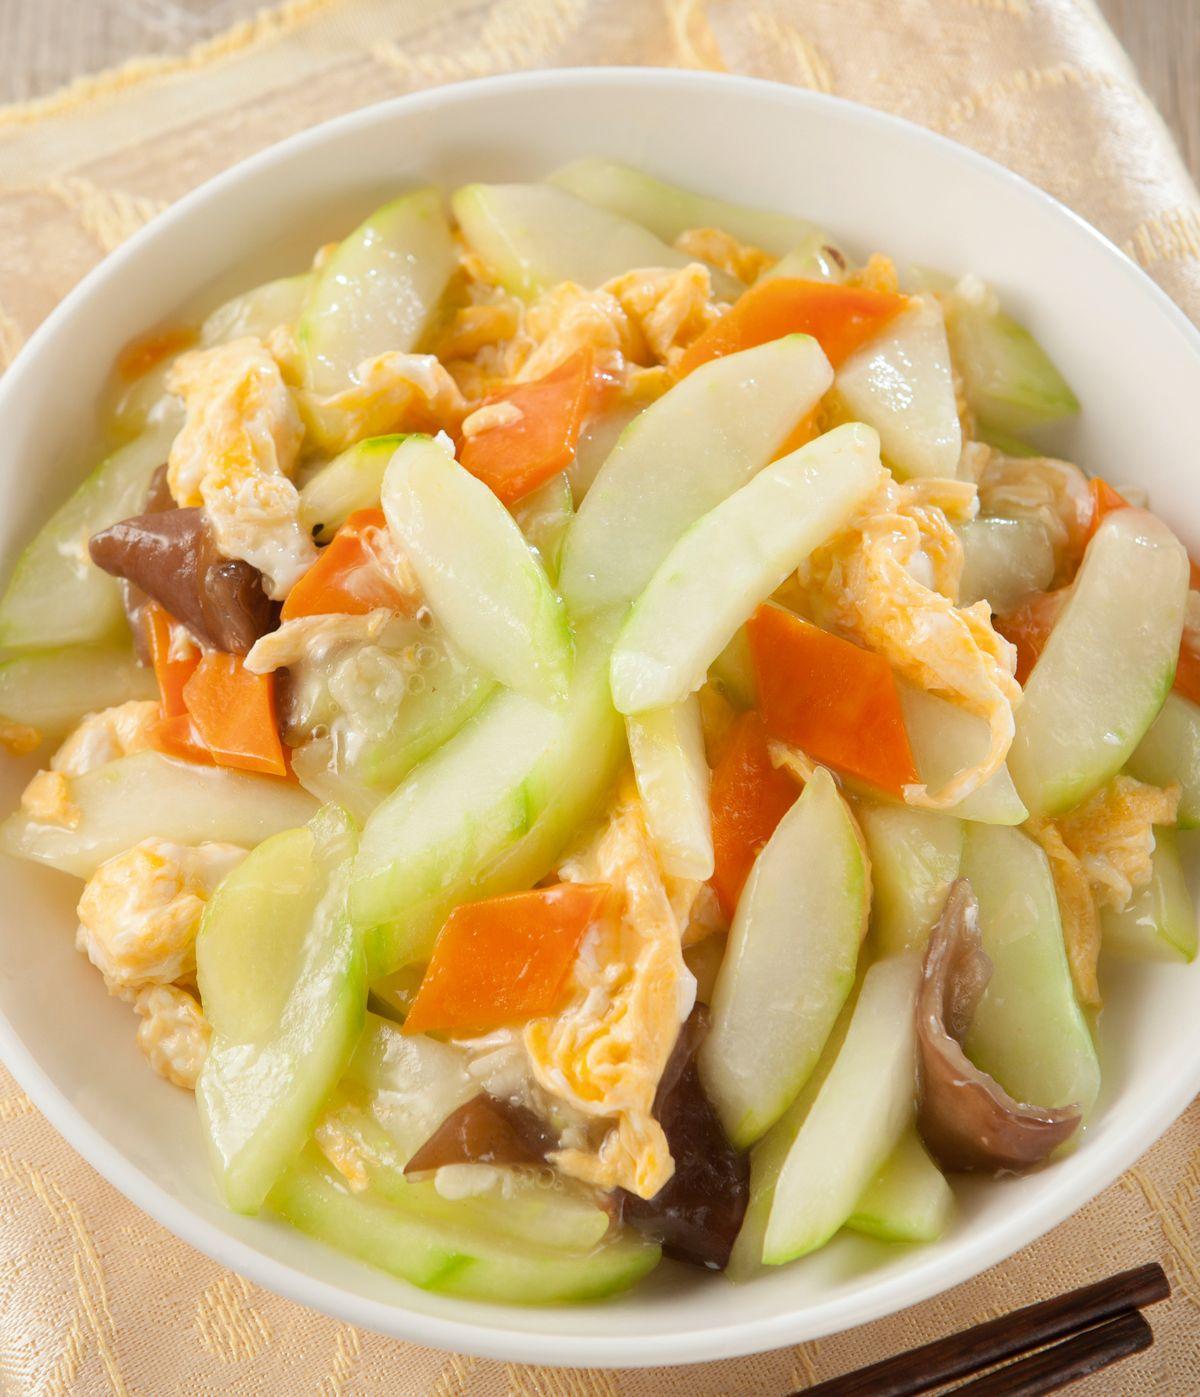 食譜:大黃瓜炒蛋